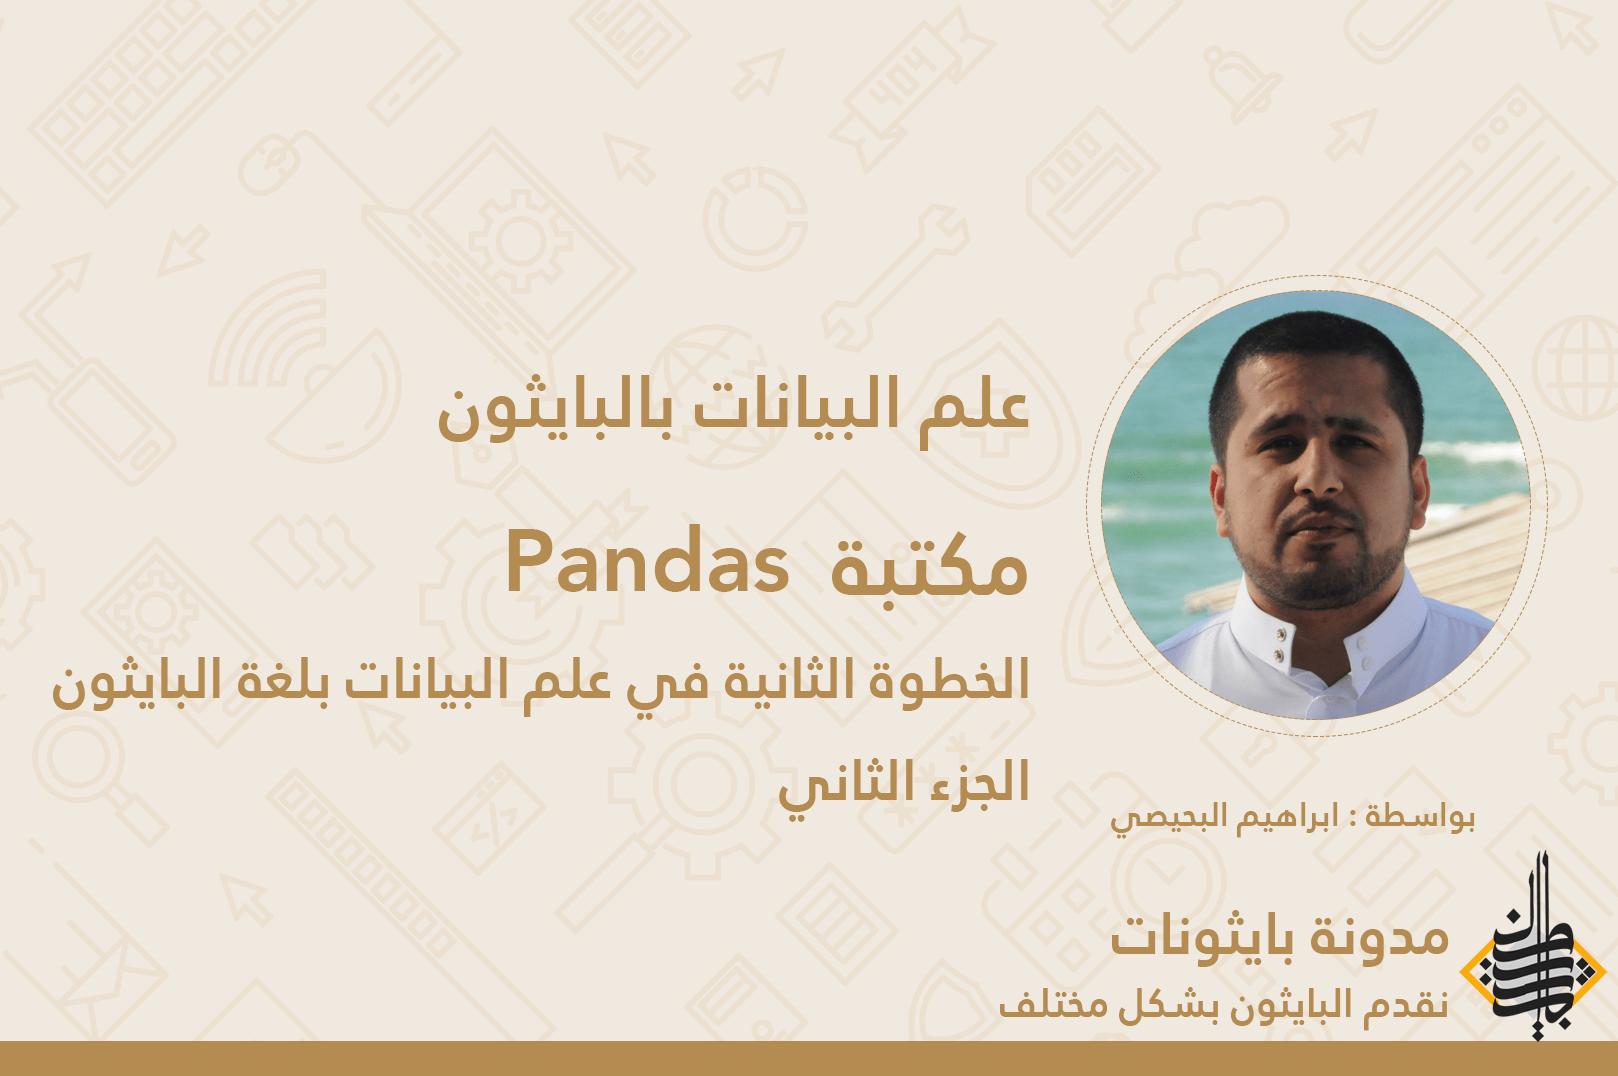 مكتبة pandas – الخطوة الثانية في علم البيانات بلغة البايثون – الجزء الثاني